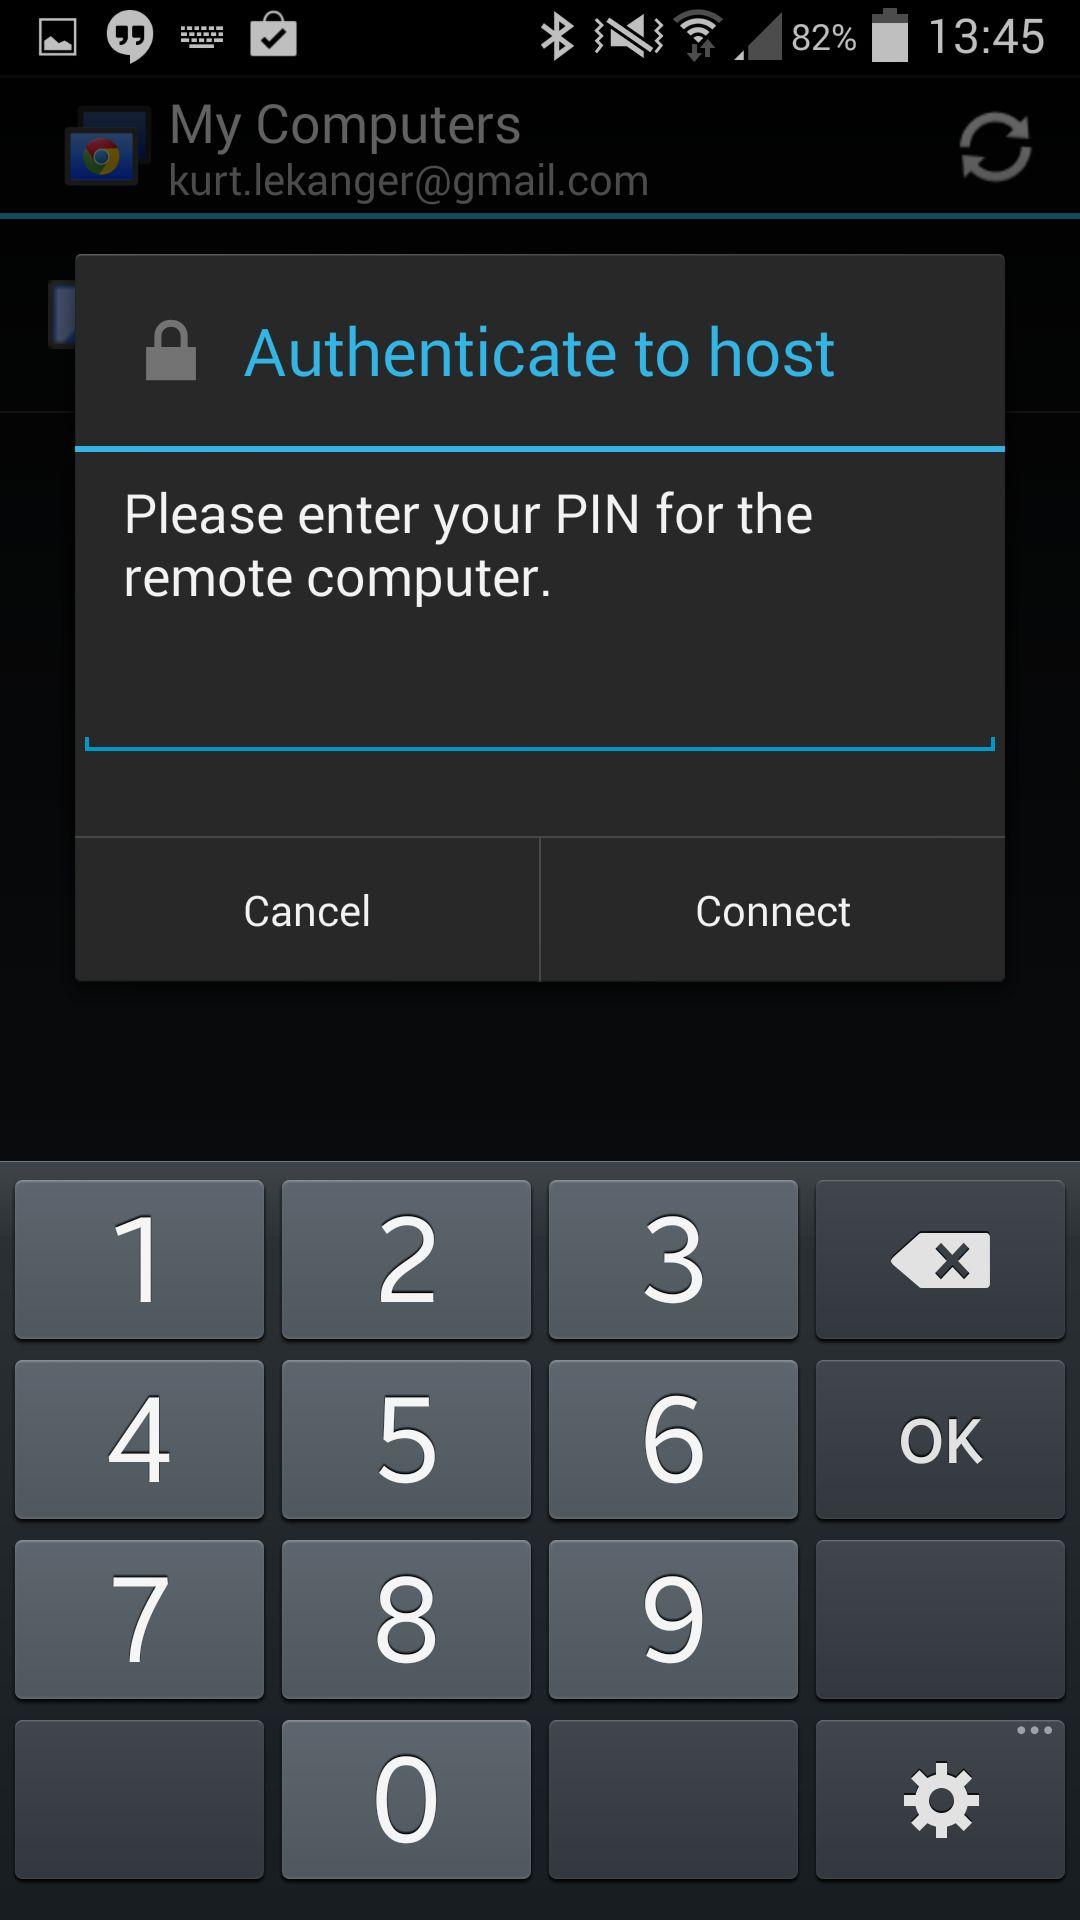 Tast inn PIN-kode for å starte fjernstyring.